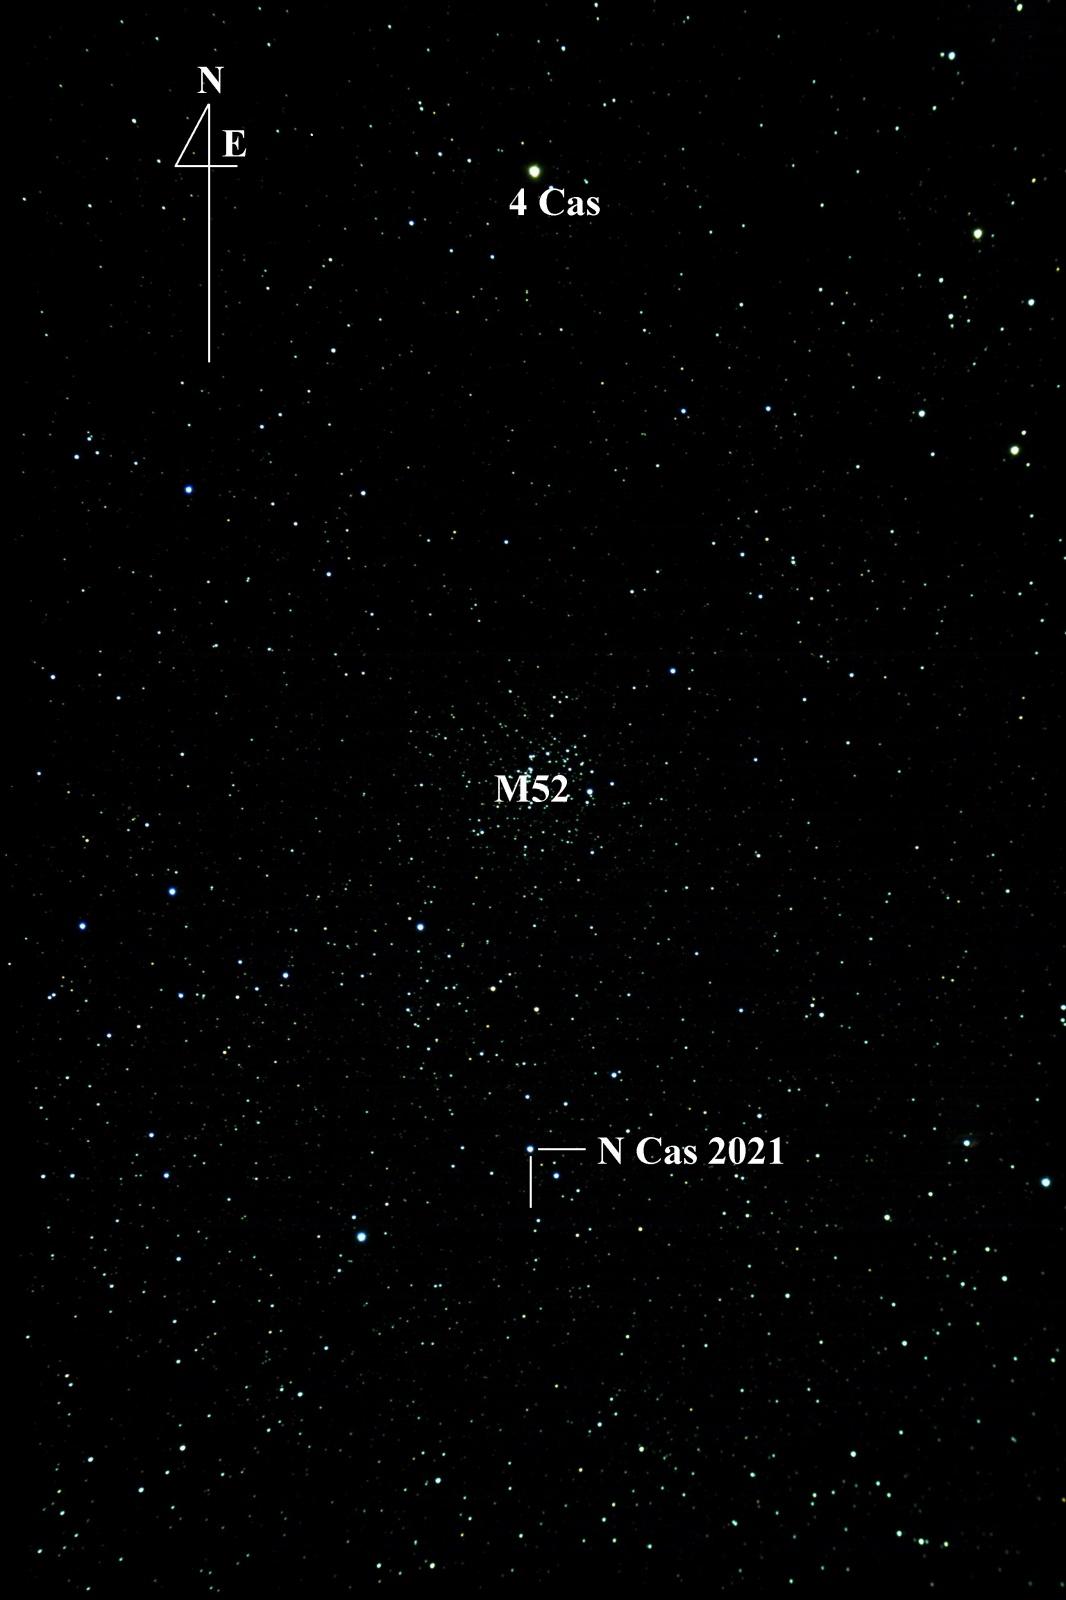 2021_03_21_20_50UT_N_Cas_2021.jpg